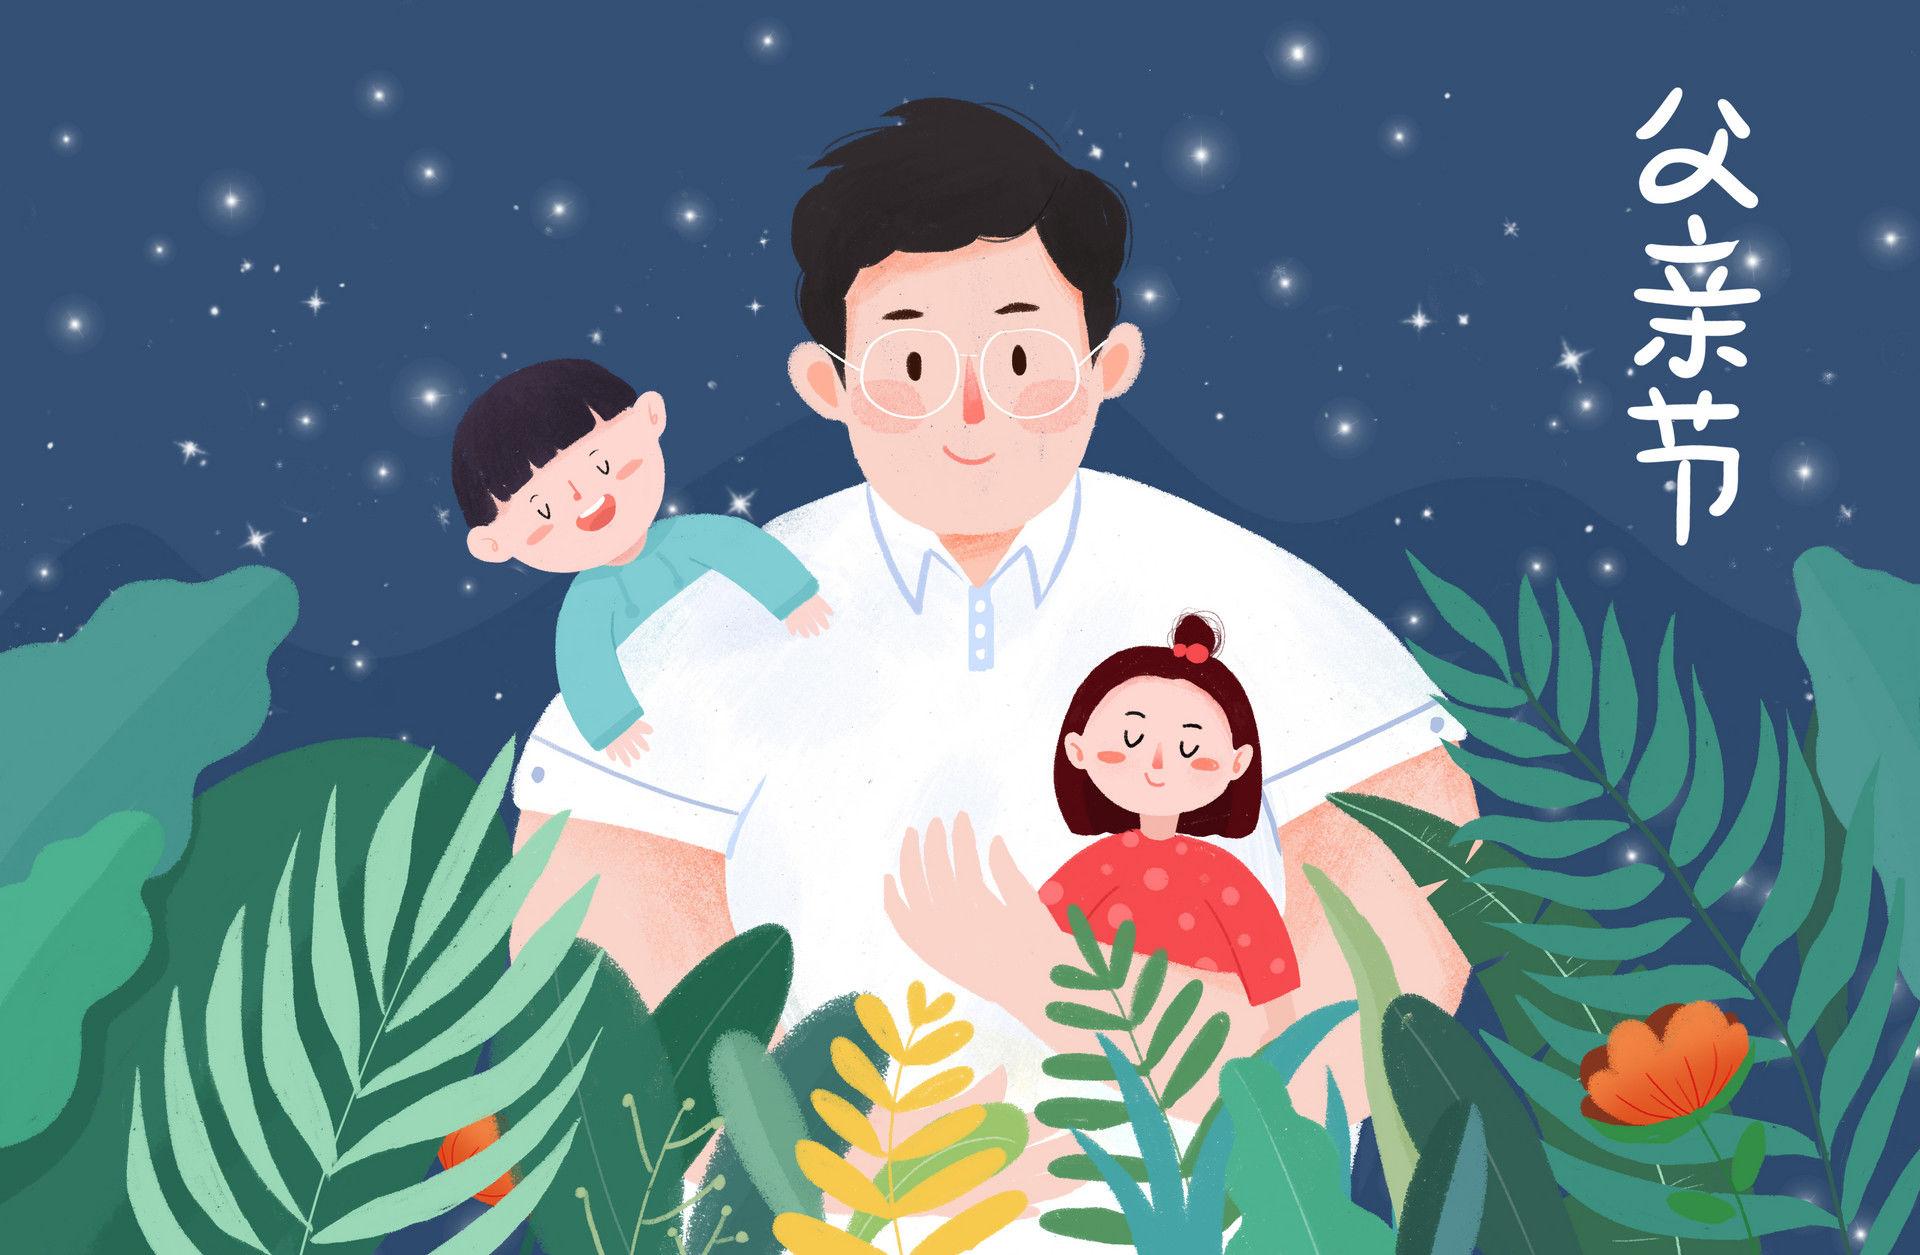 军事资讯_父亲节起源已久,中国也有自己的父亲节_青岛频道_凤凰网